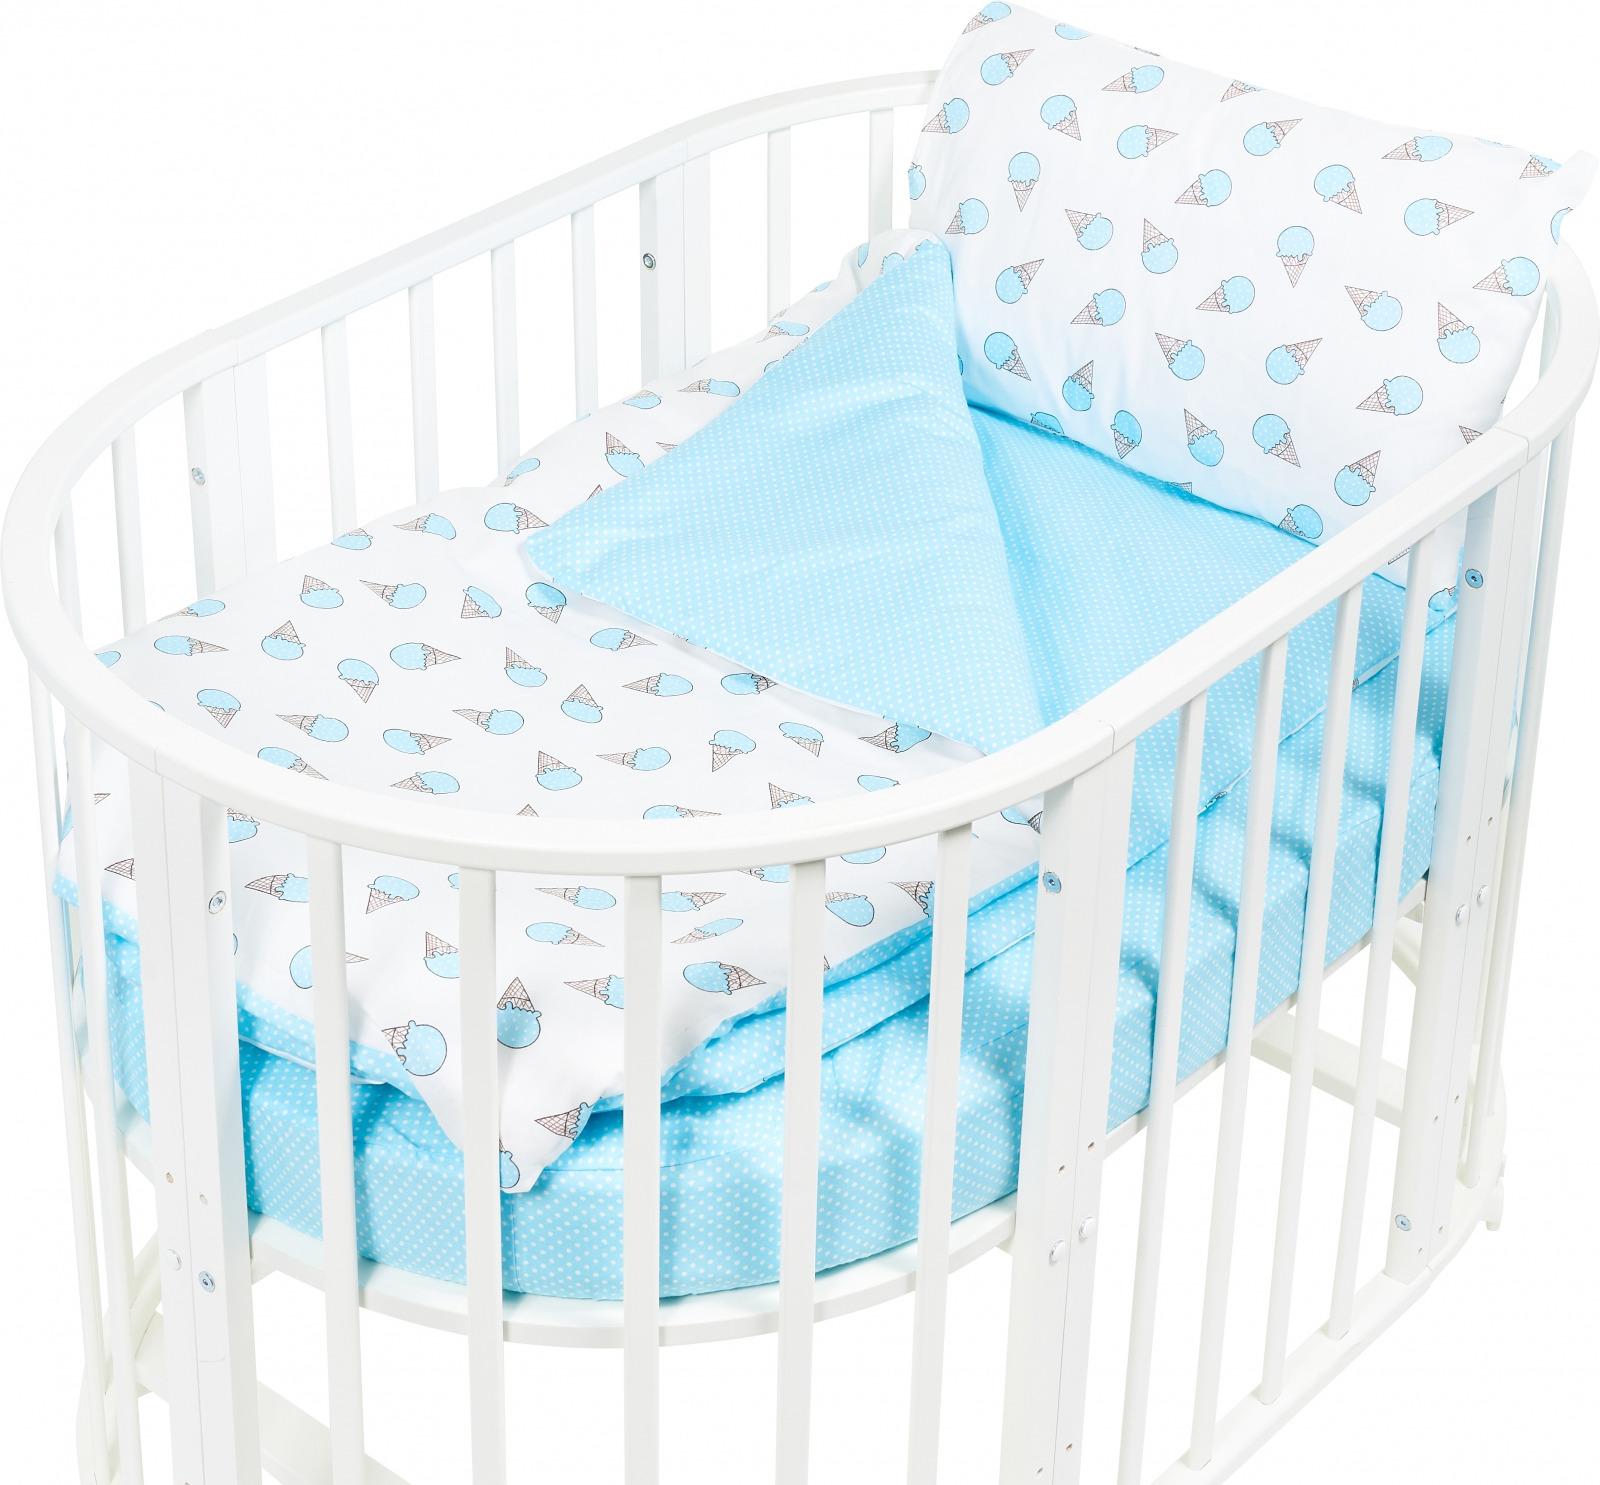 Комплект постельного белья Sweet Baby Yummy, 411963, бирюзовый, 4 предмета цена